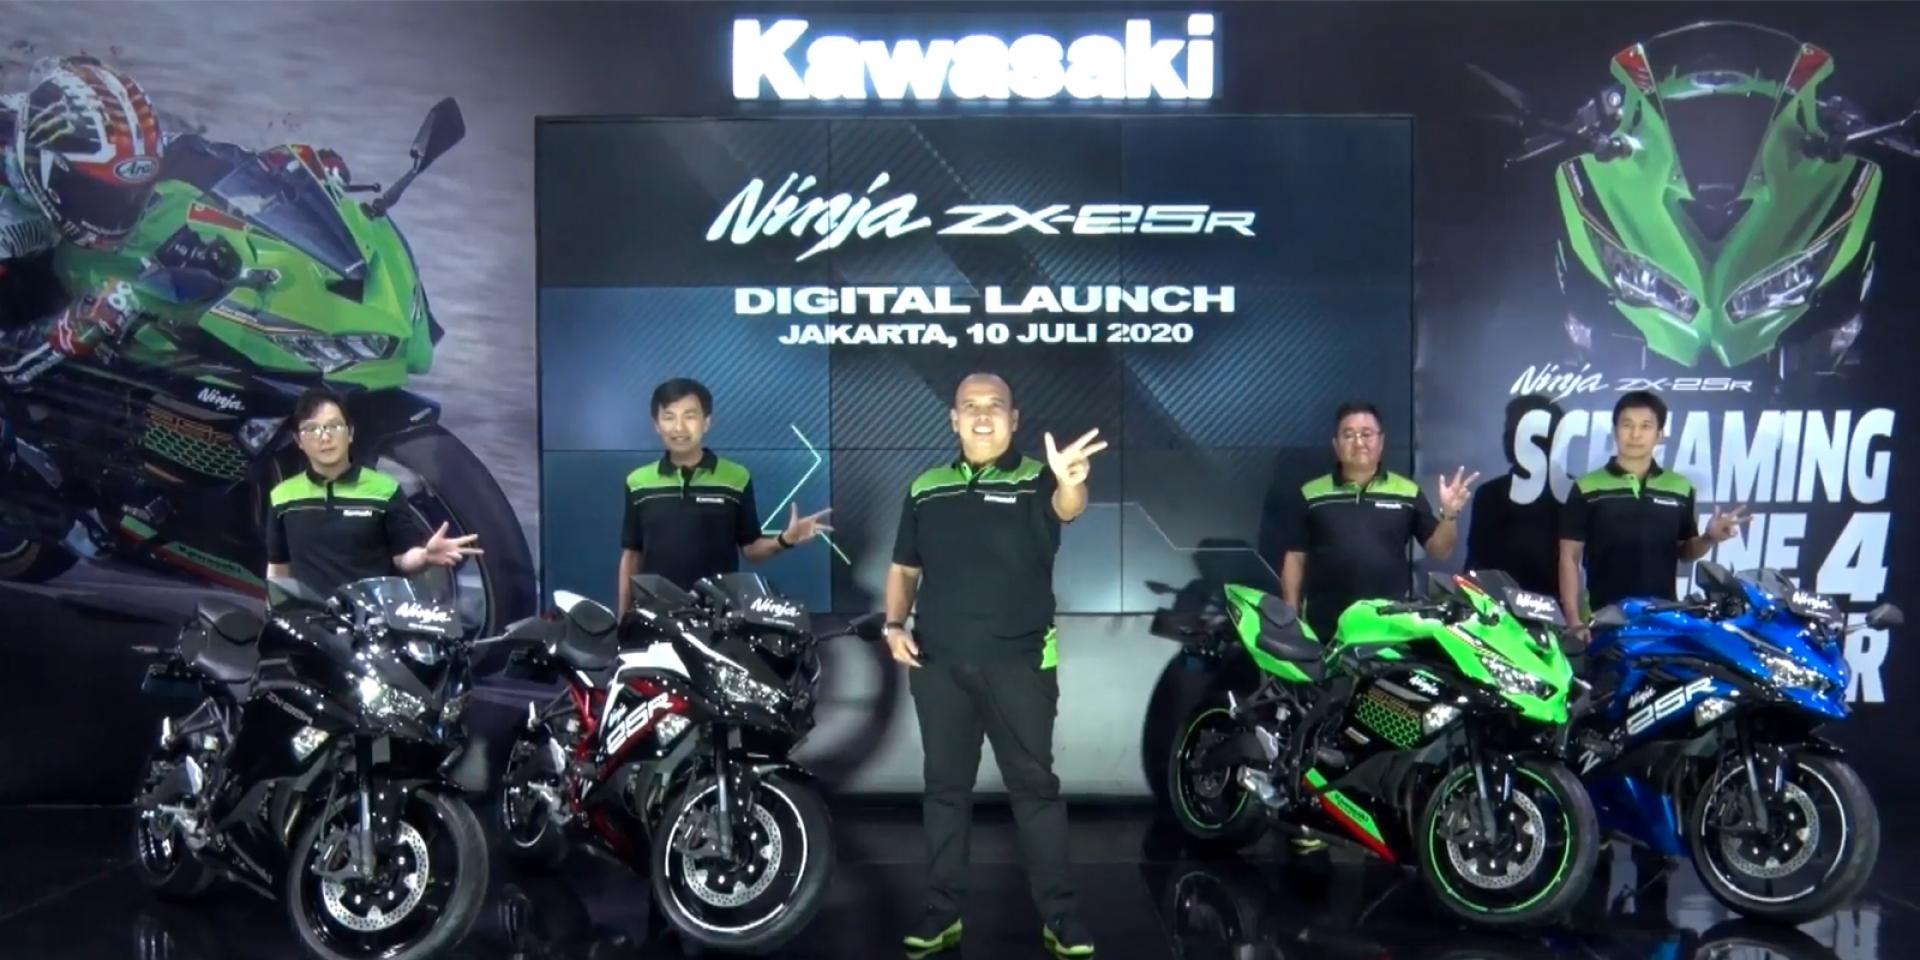 最大馬力51匹!KAWASAKI Ninja ZX-25R 海外正式發表